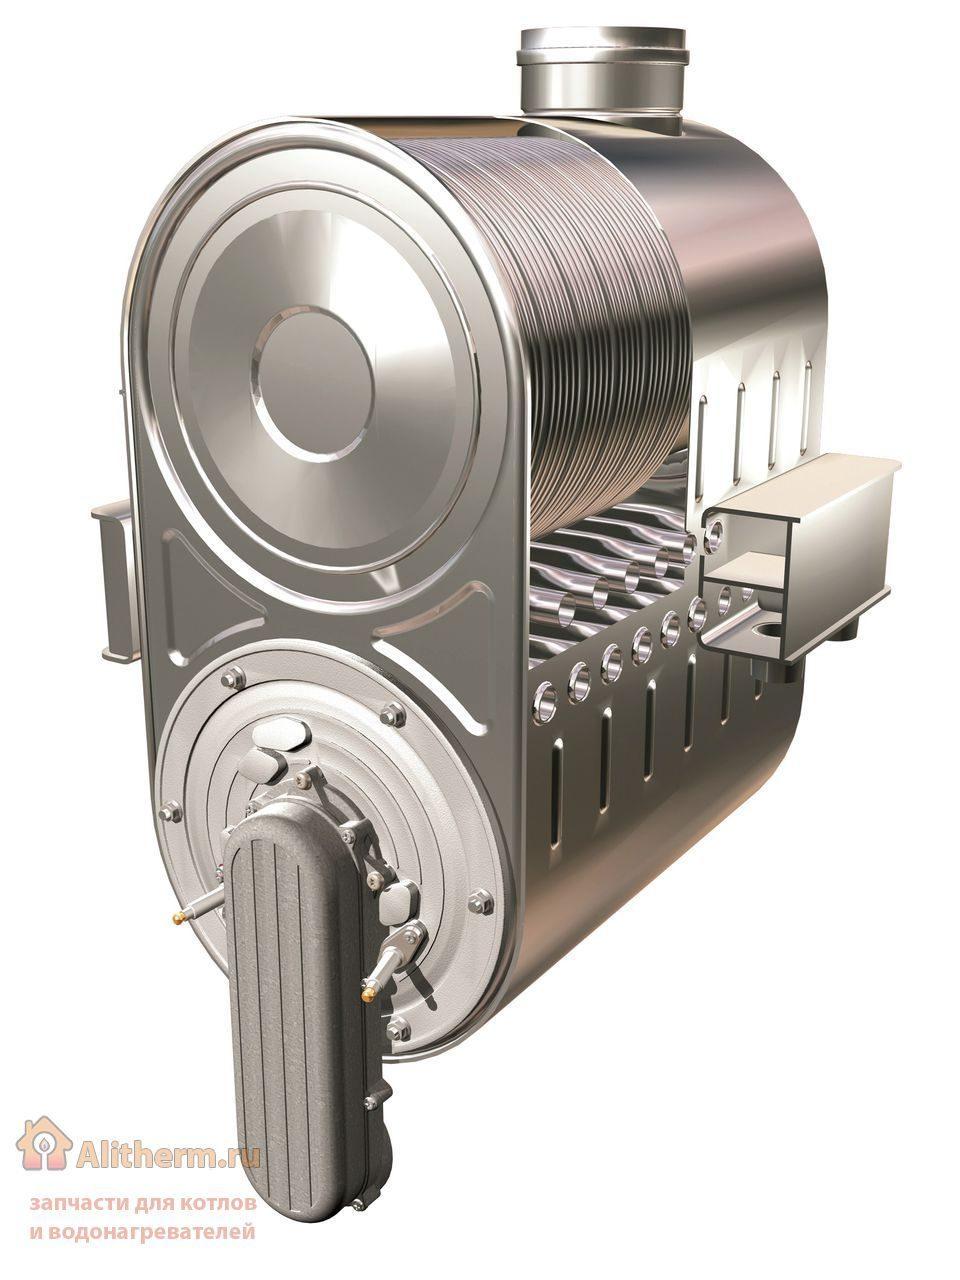 Конденсационный теплообменник котла устройство теплообменника типа труба в трубе